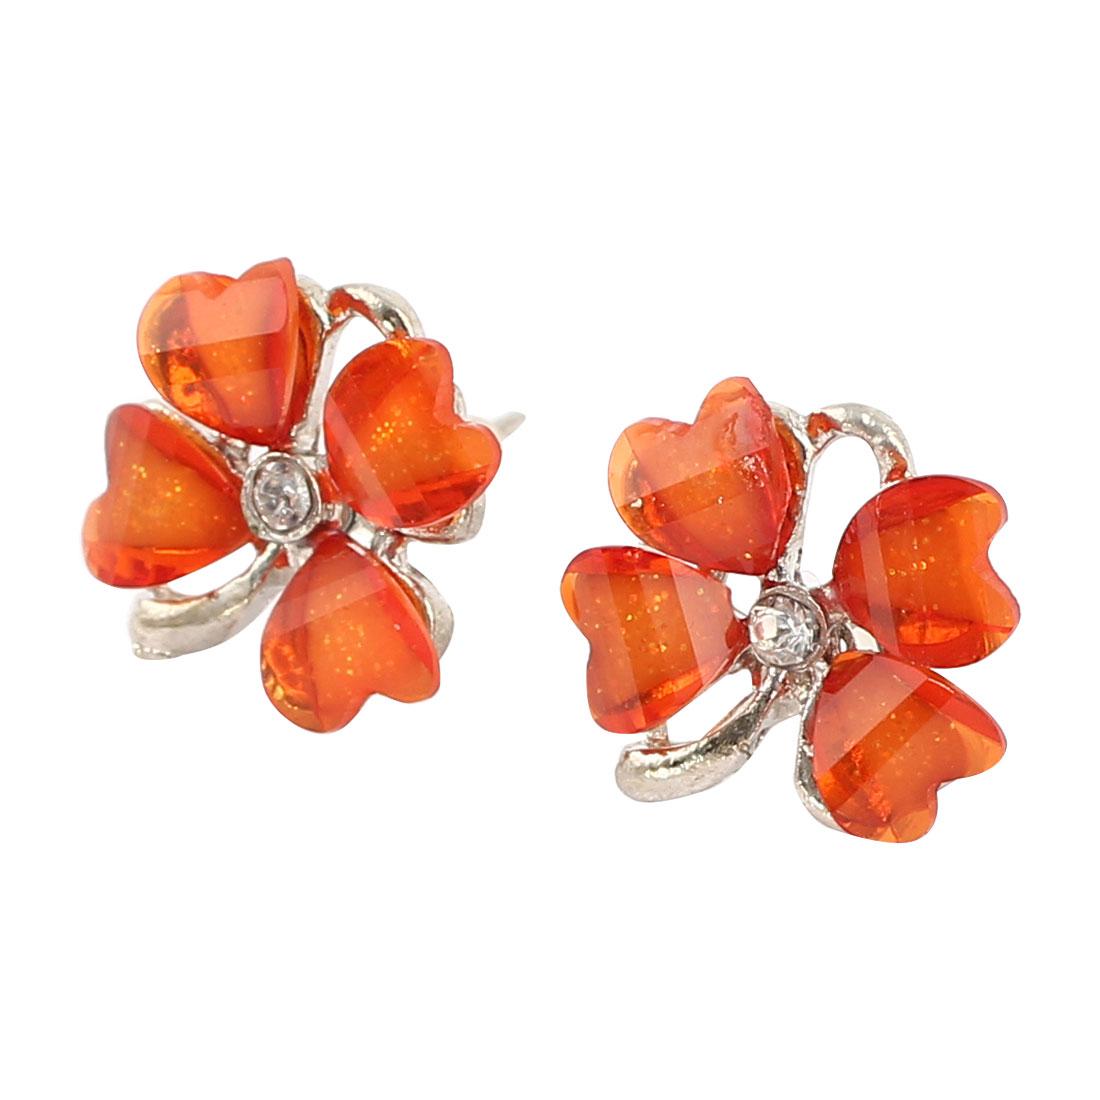 Orange Clover Flower Shape Rhinestone Accent Stud Earrings Pair for Women